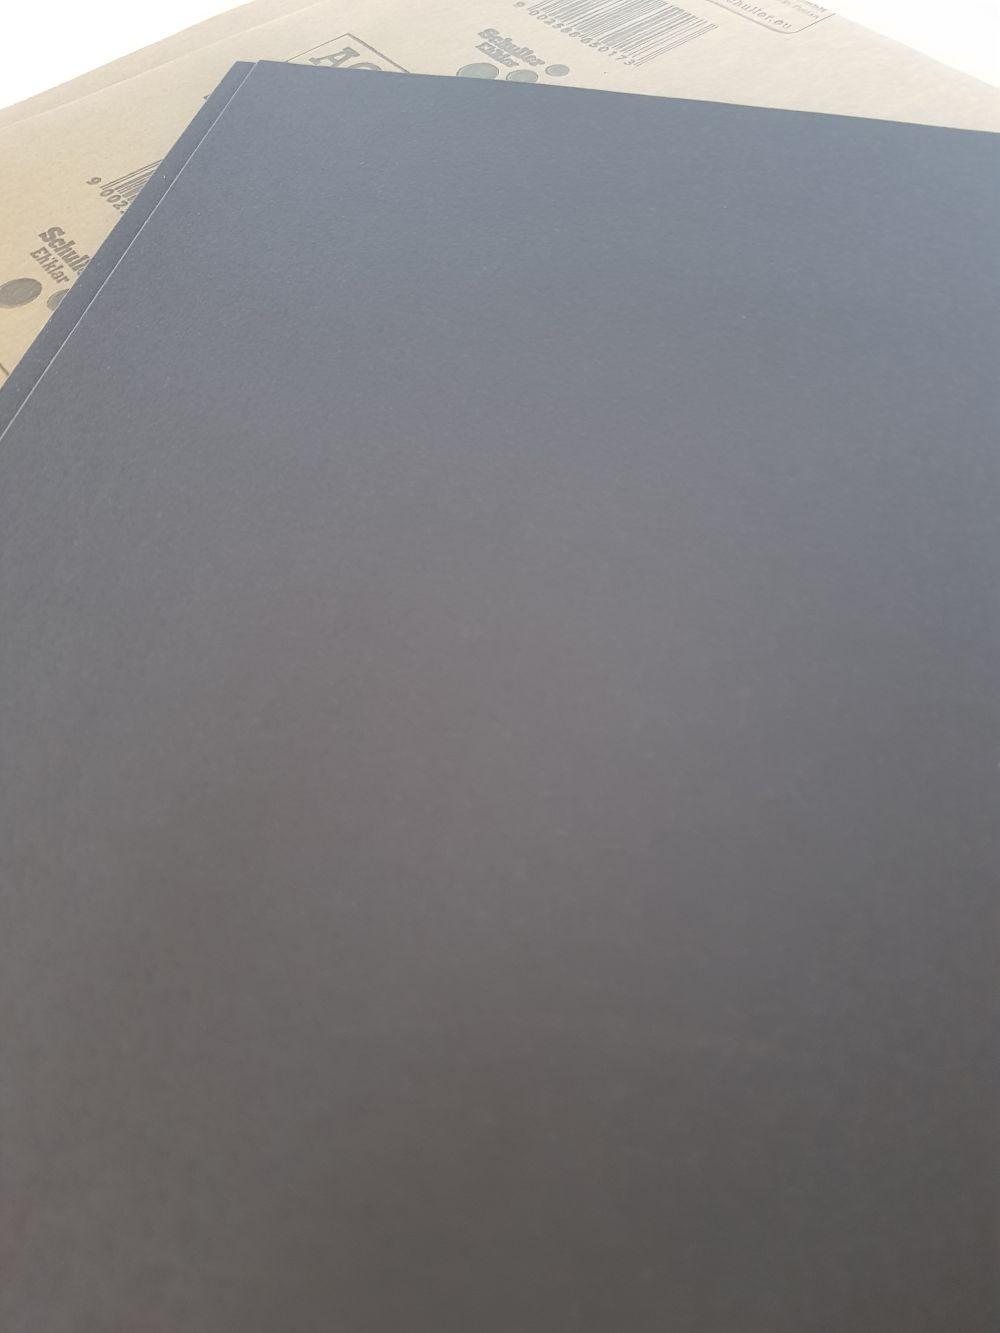 Vizes csiszolópapír P 600 Klingspor BAUplaza Kft.